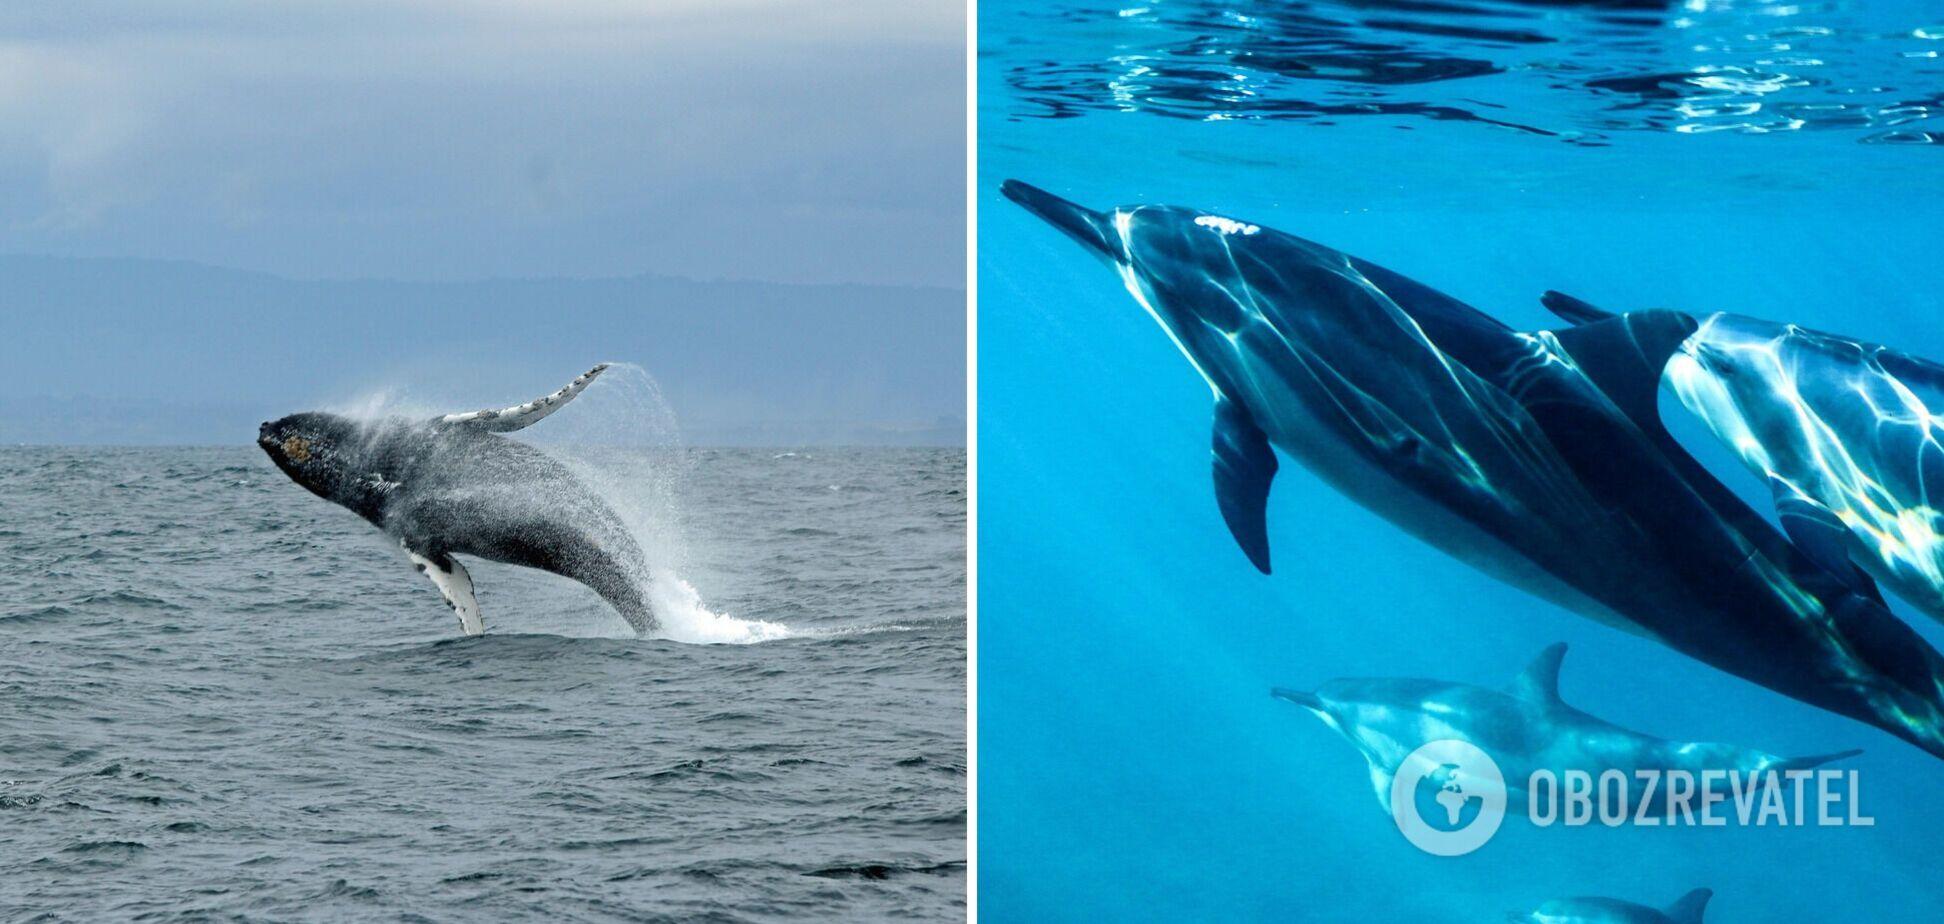 Всесвітній день китів і дельфінів відзначається з 1986 року